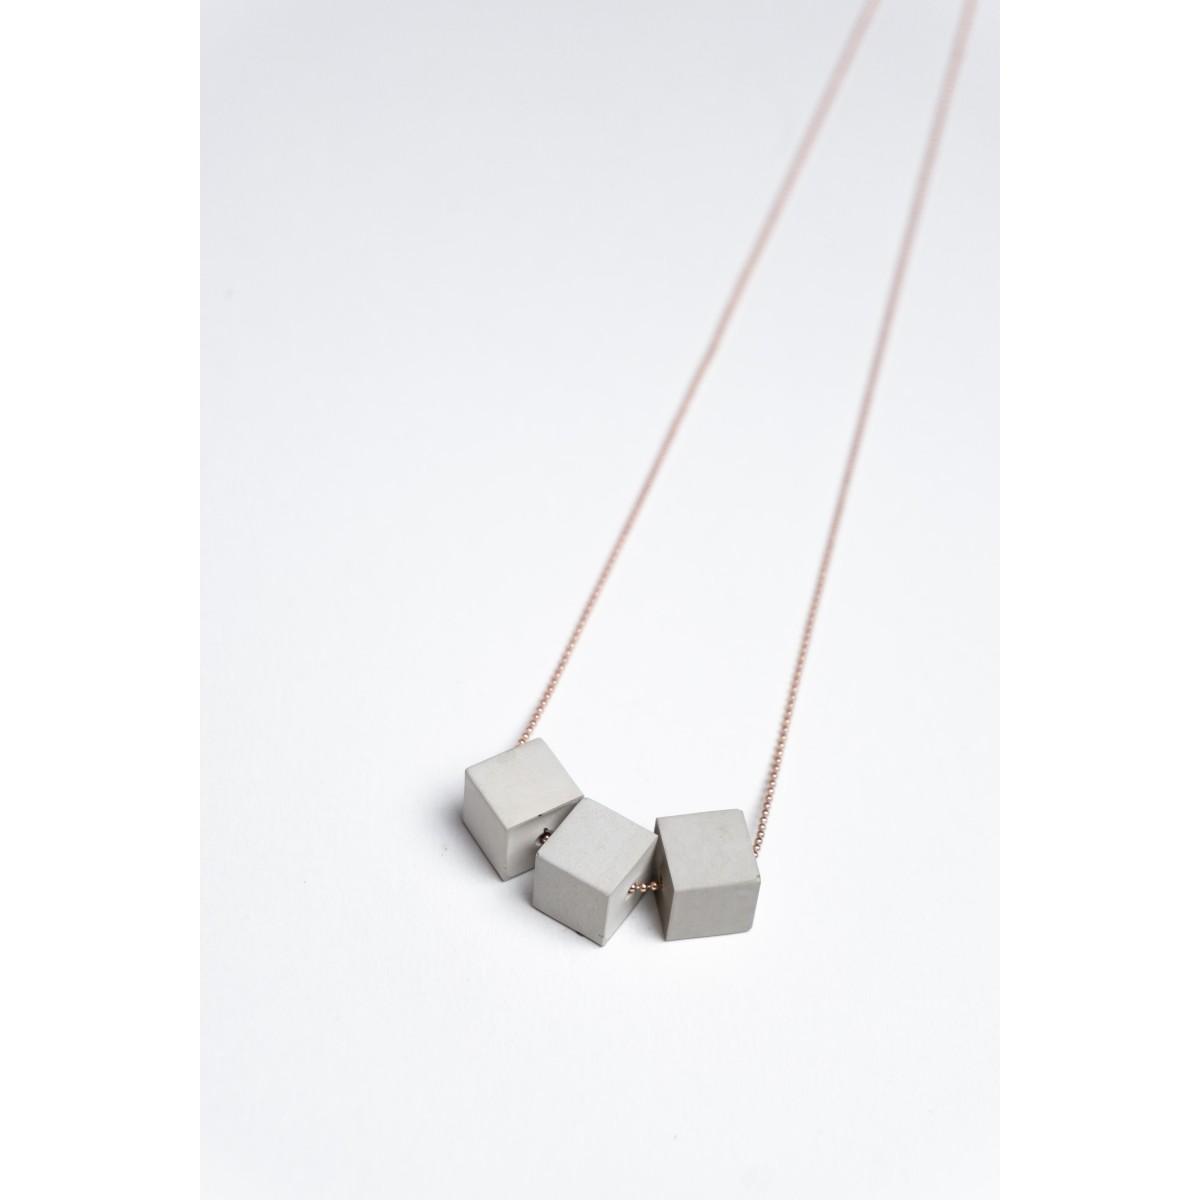 Klunkergrau Betonschmuck | 3x Kleiner Würfel aus Beton